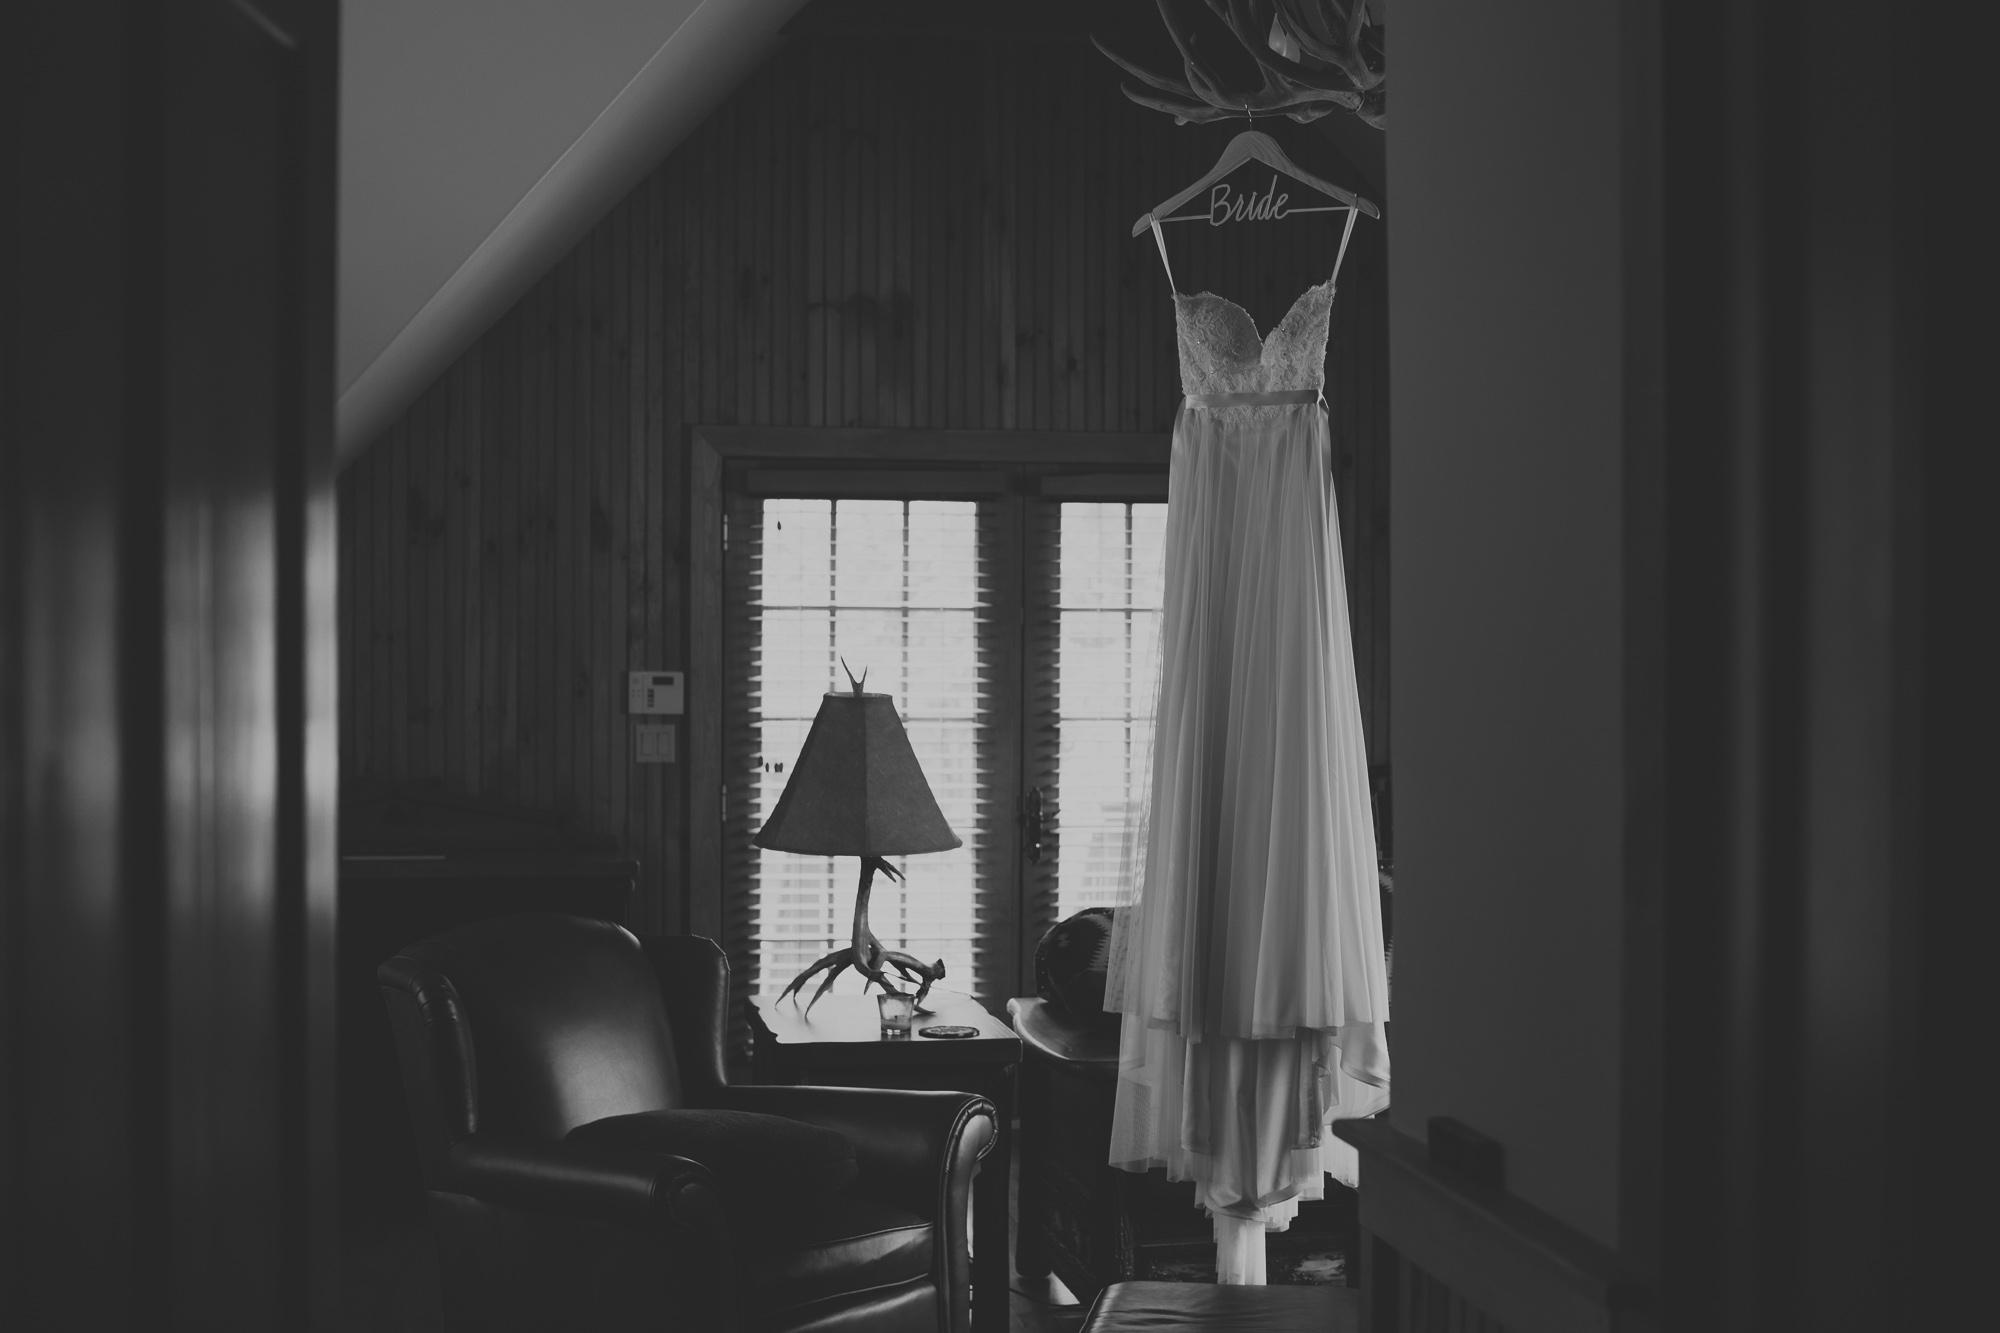 שגיא הורביץ | צלם חתונות מומלץ